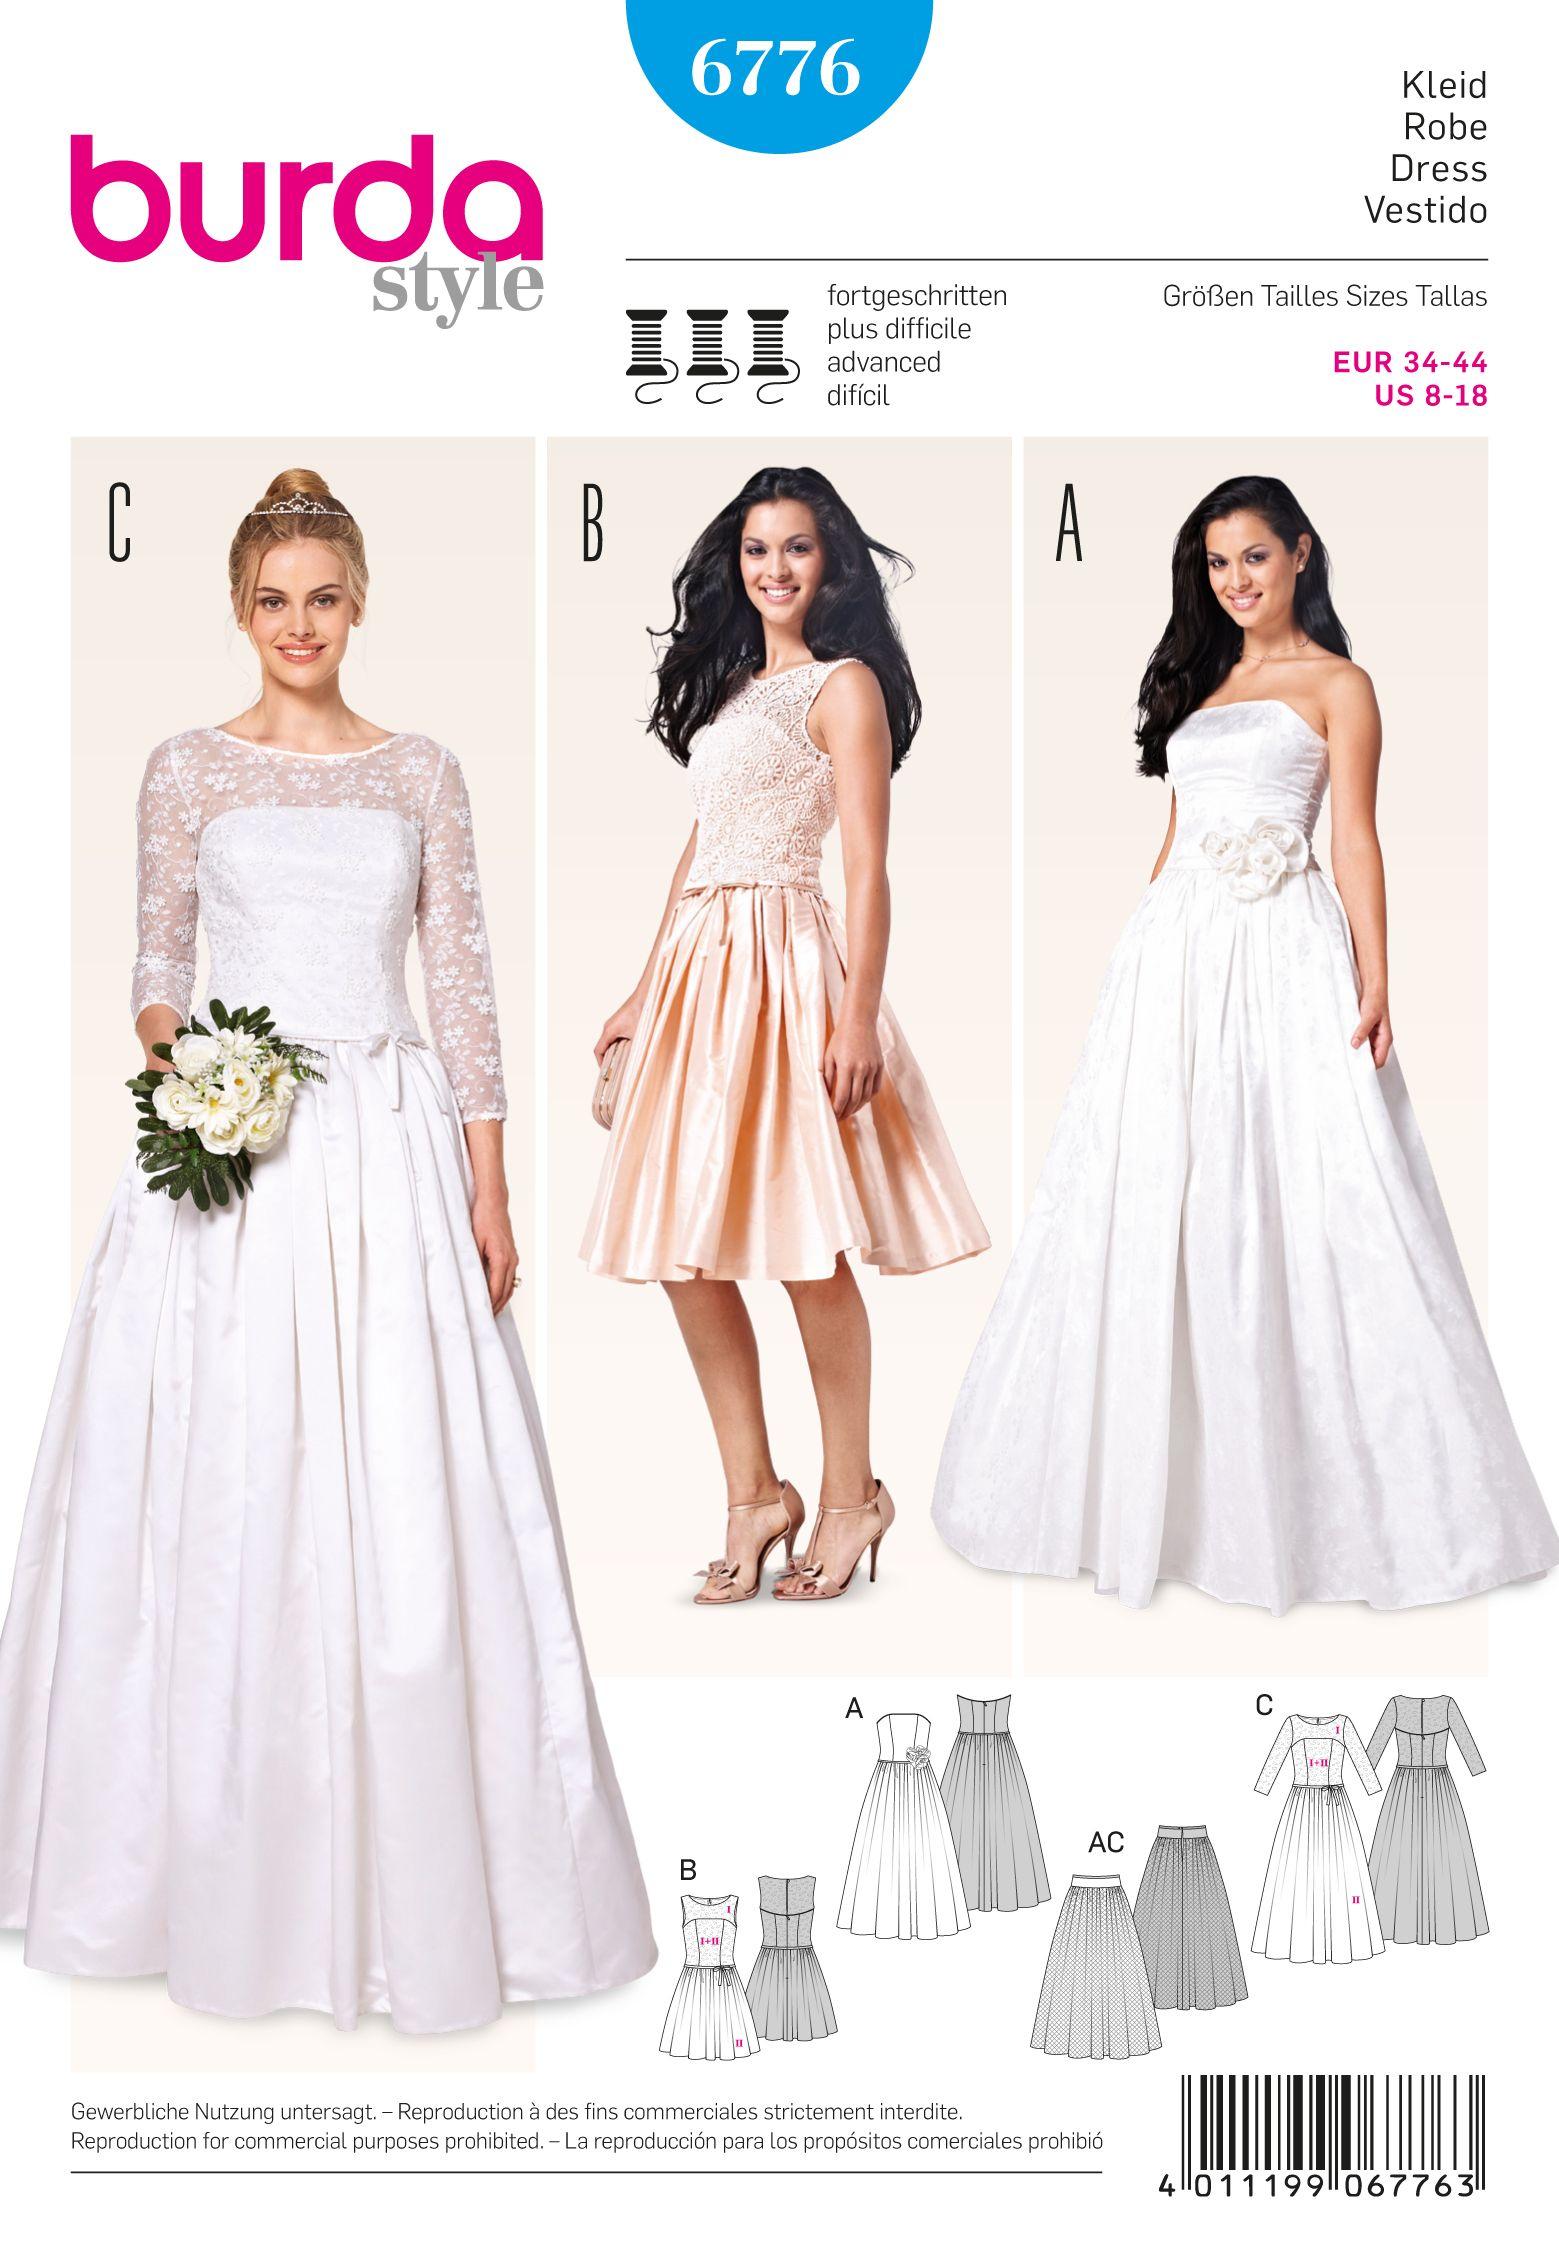 Burda 6776 Burda Style Evening & Bridal Wear | Pinterest | Burda ...